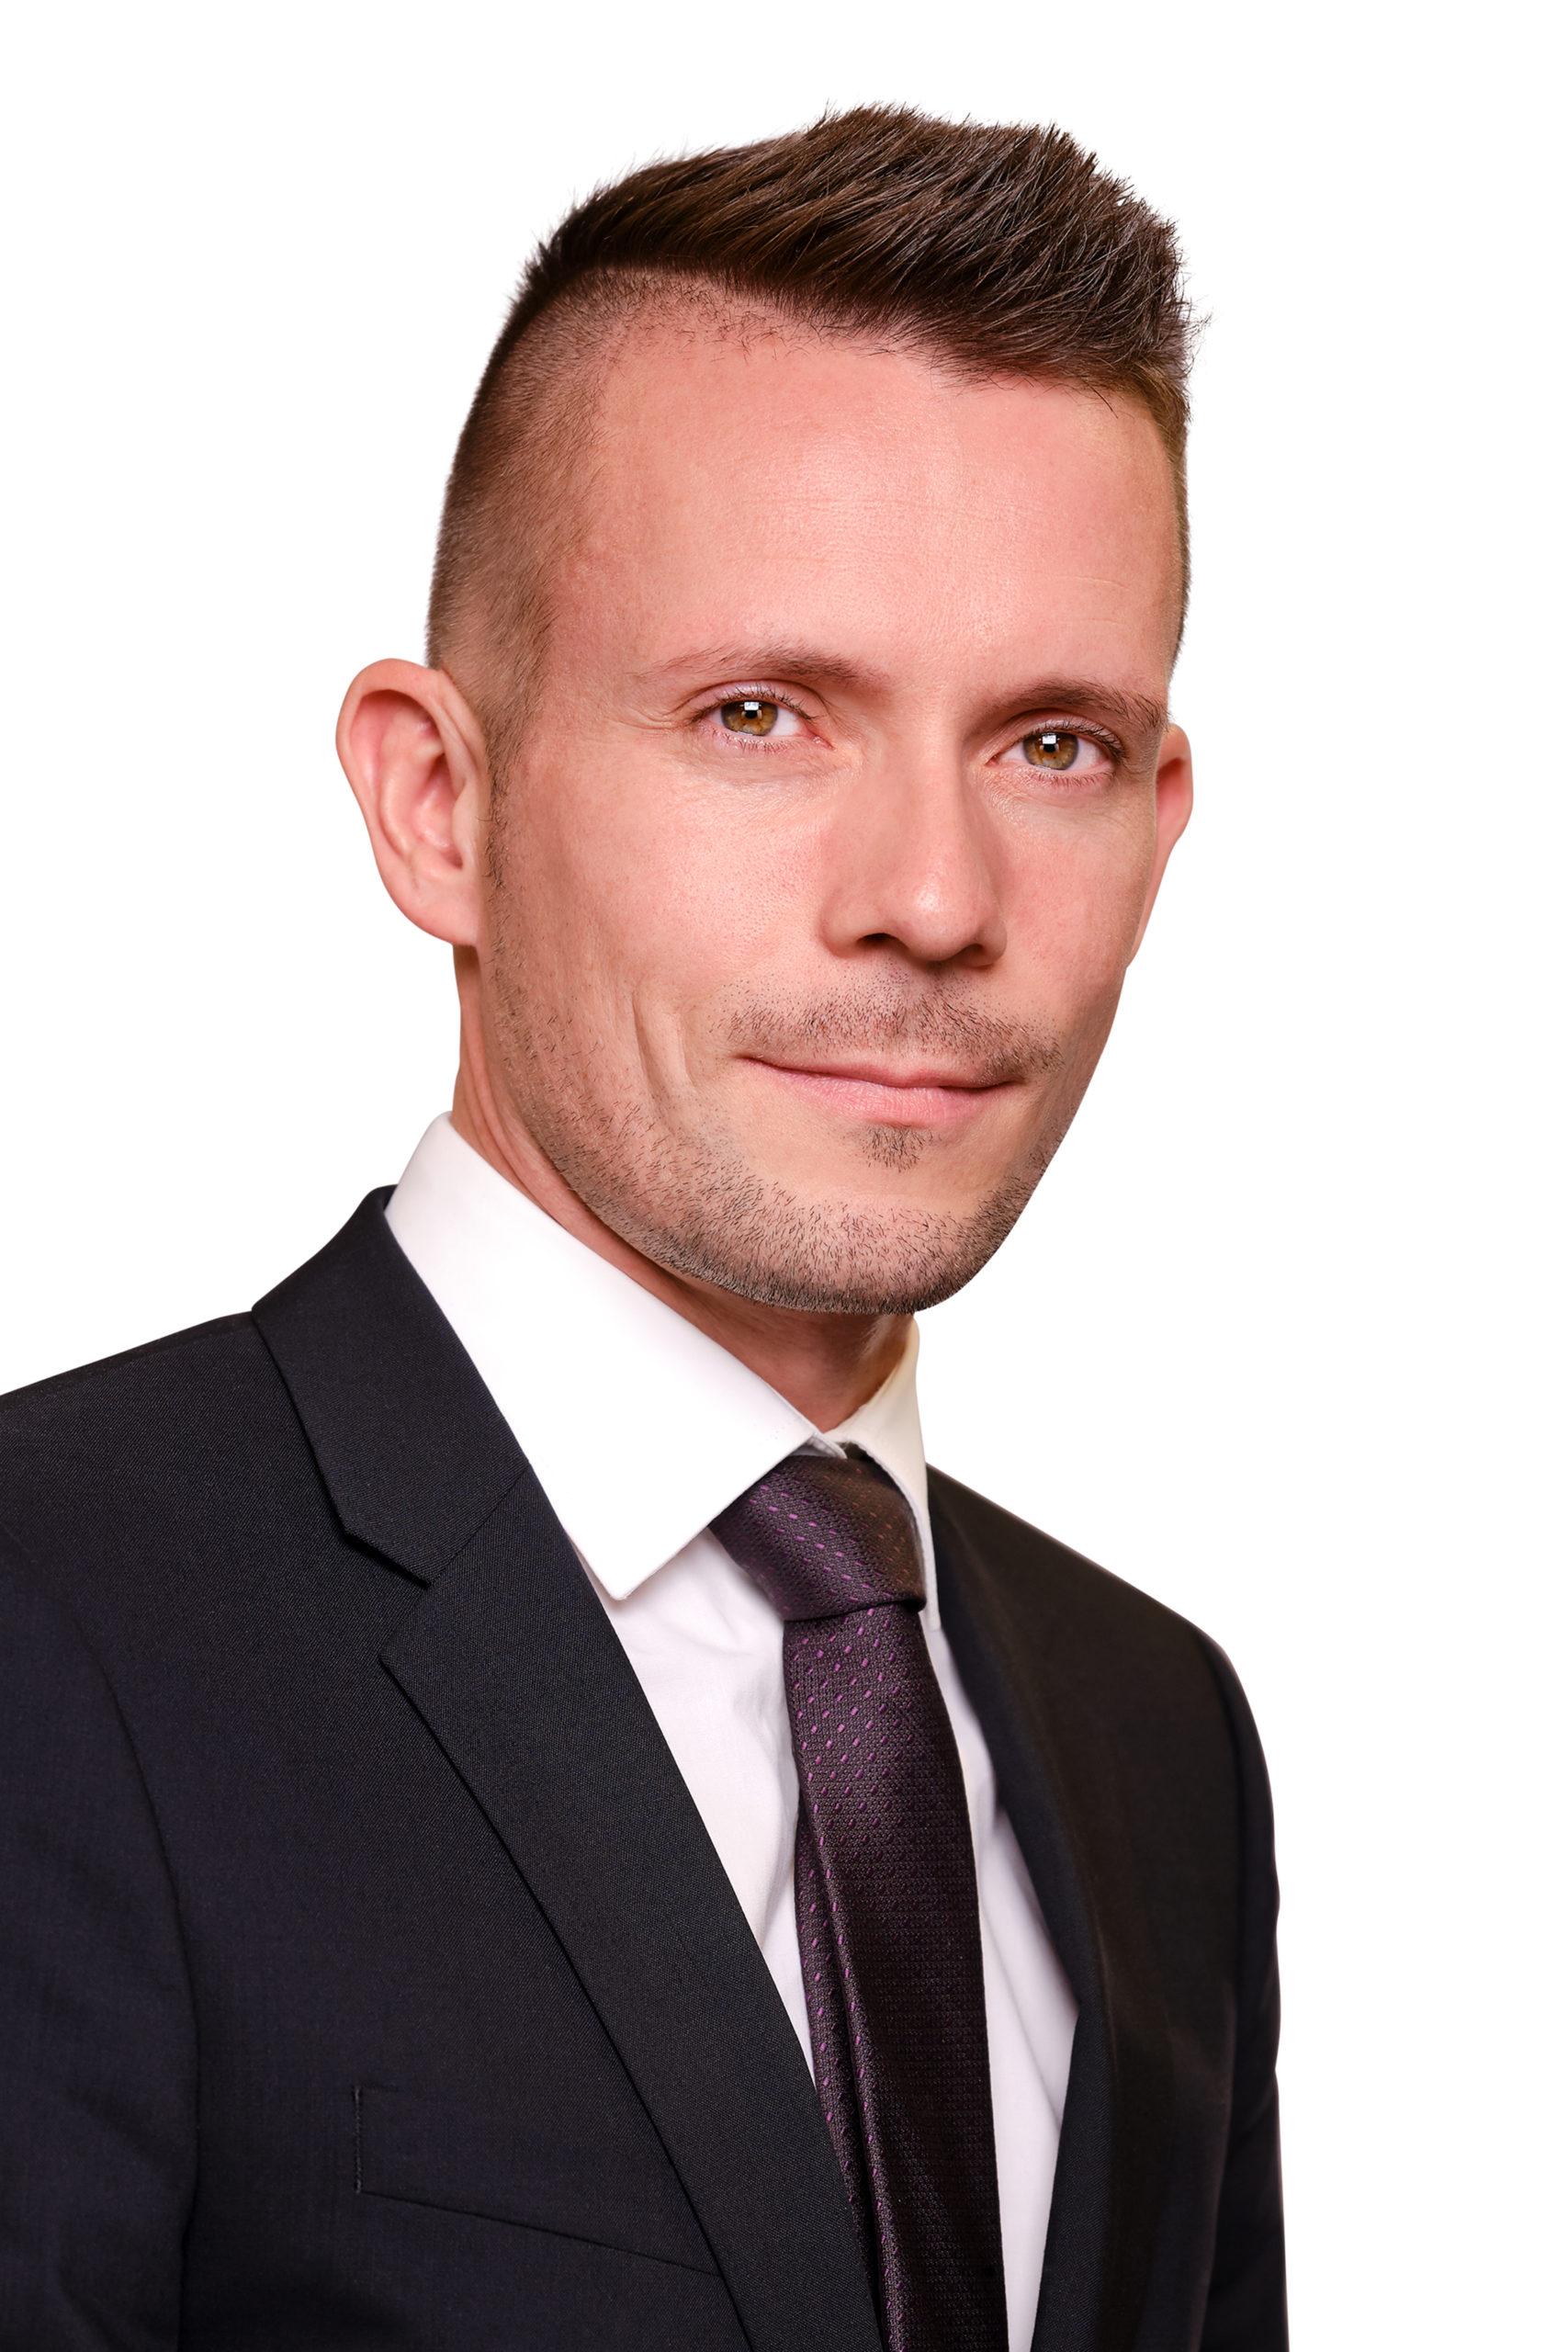 Verwaltungsfachwirt Stefan Siegert